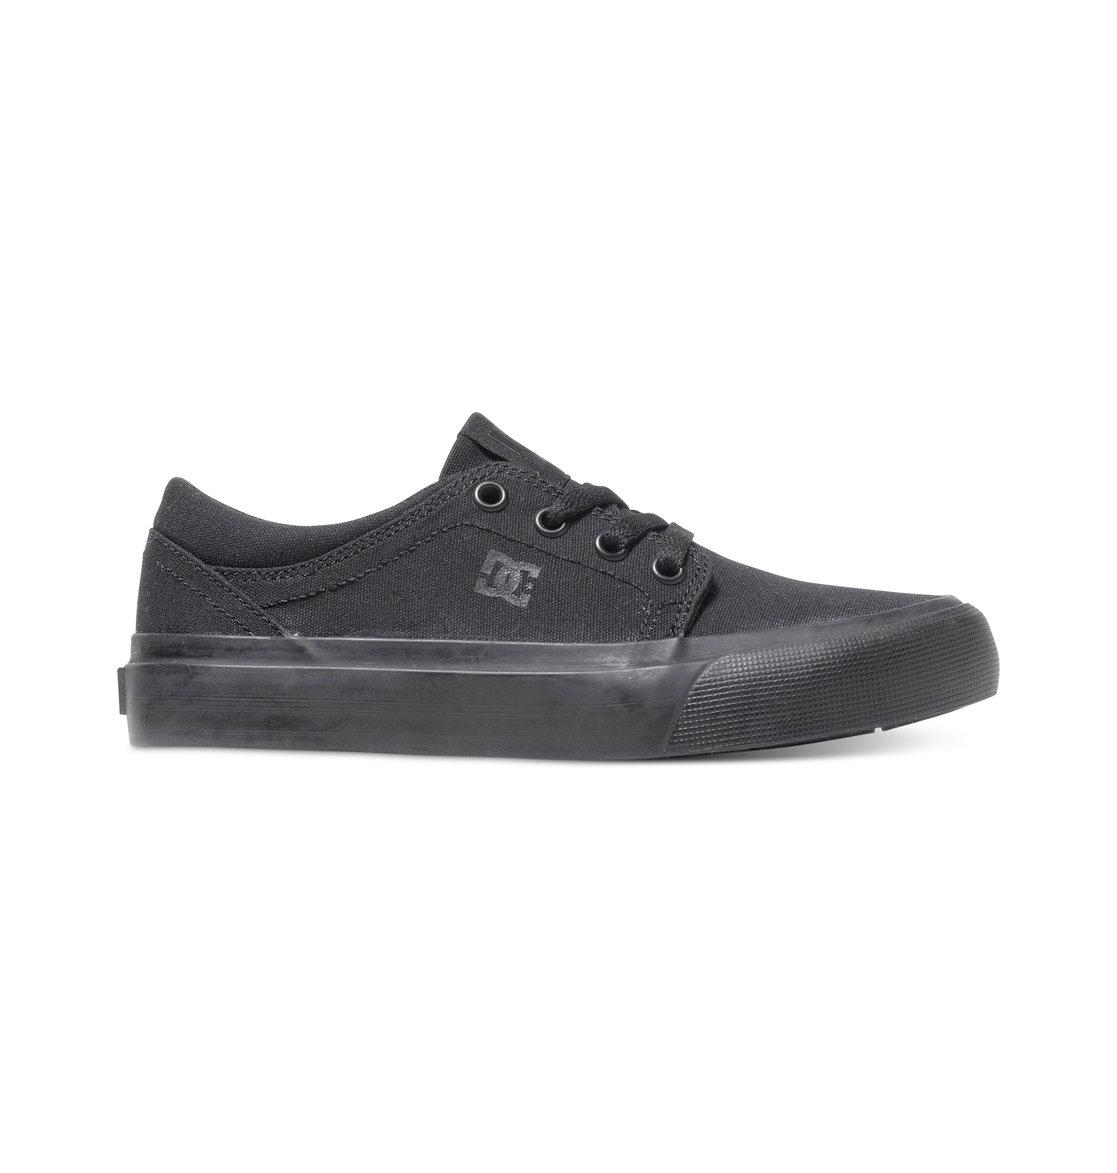 Trase TX - Chaussures basses pour garçon - DC Shoes